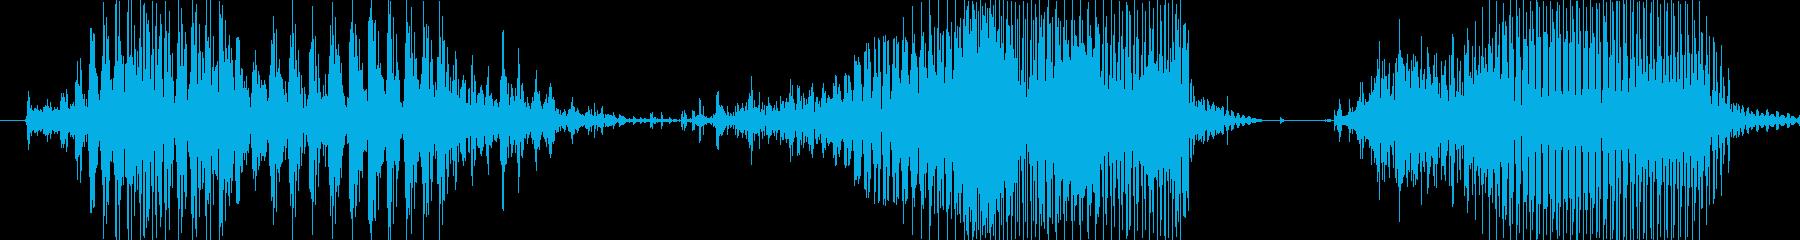 激アツ!の再生済みの波形